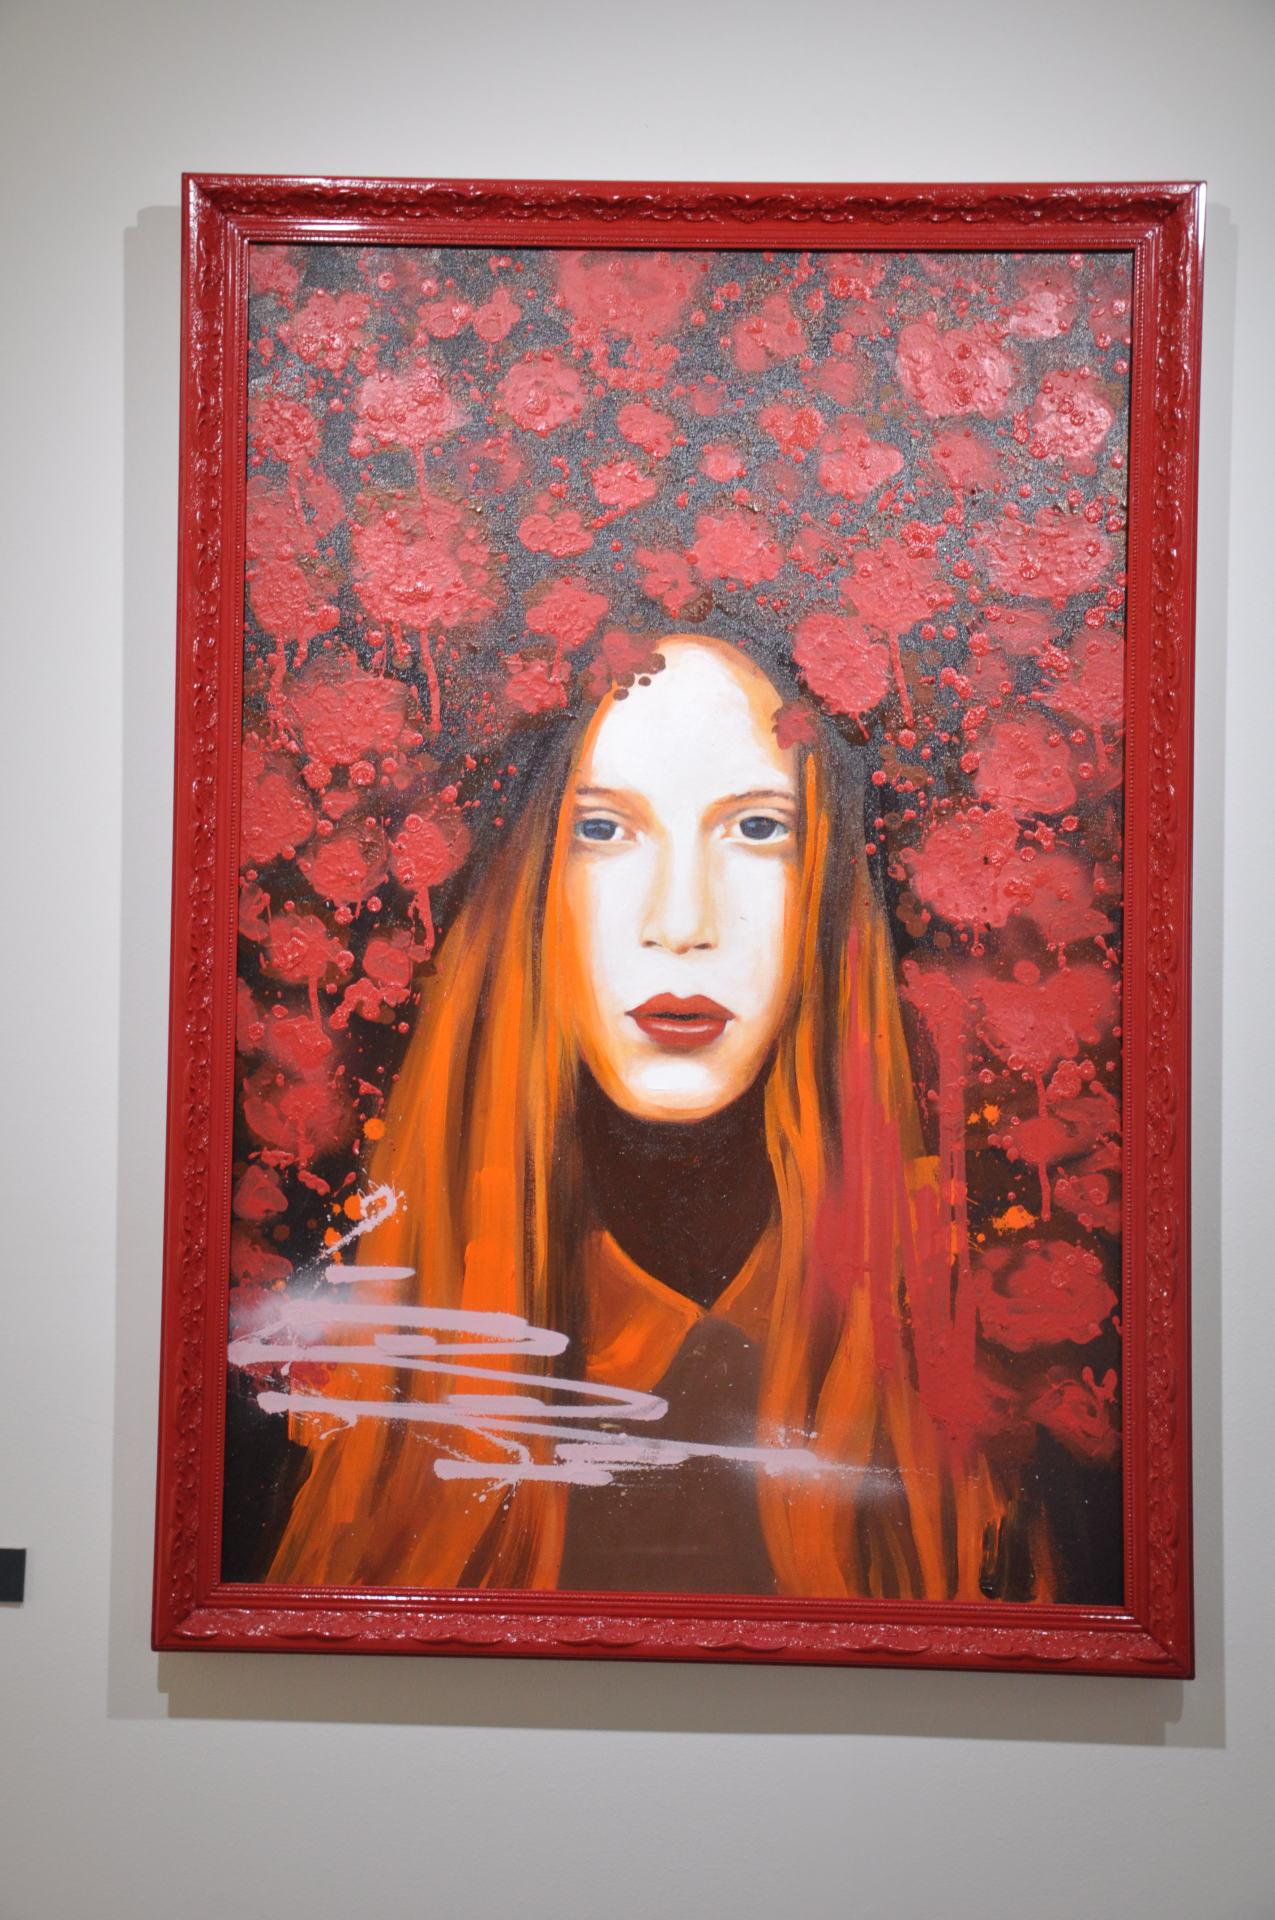 Entre flores / Tamanho: 90x60 cm Técnica: Acrilica e spray sobre tela - Disponível